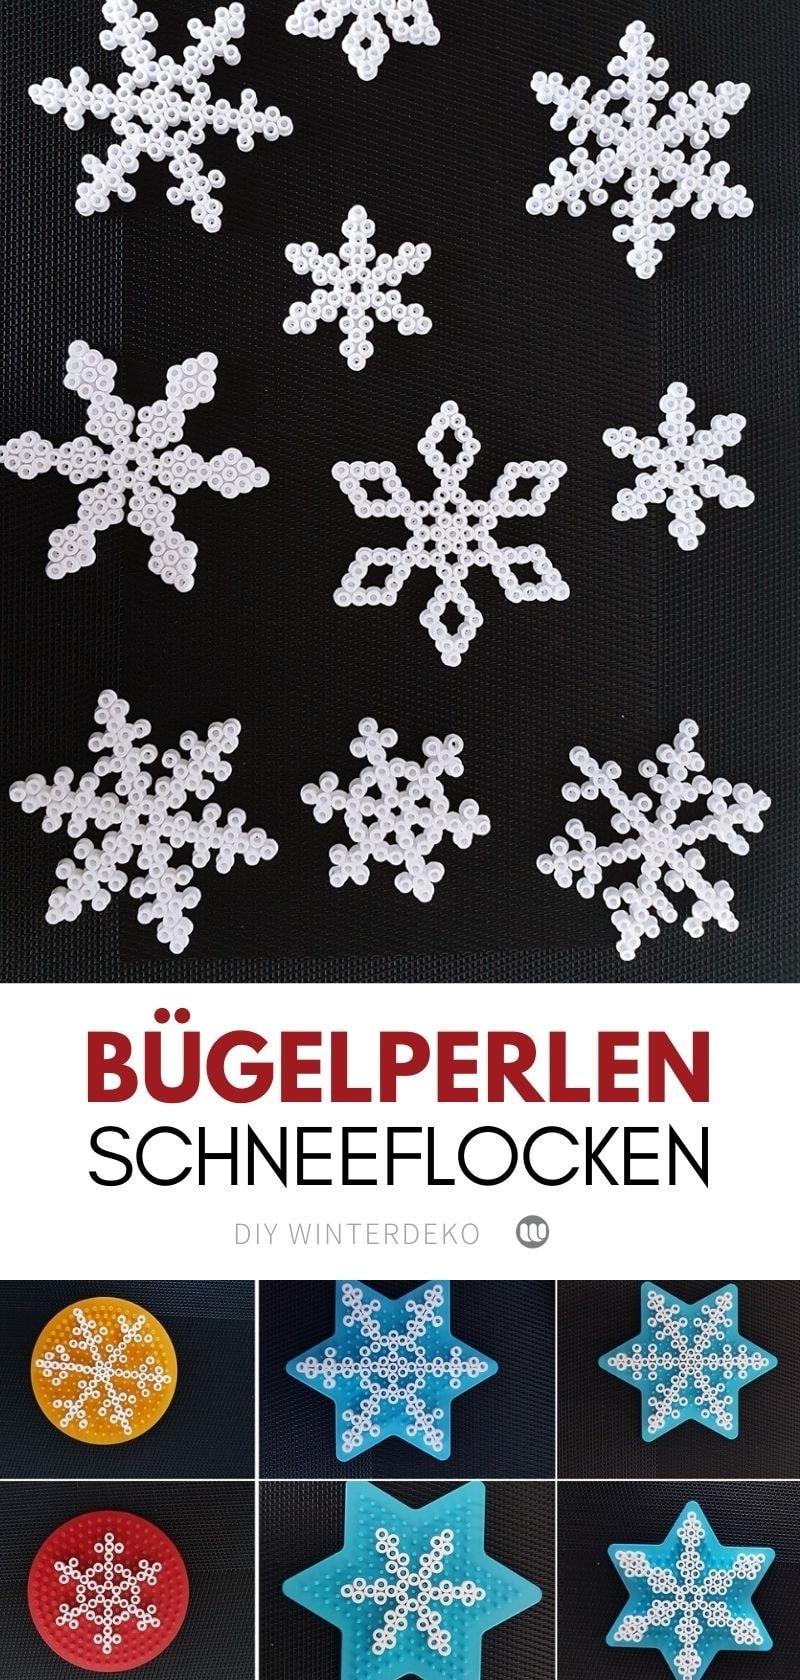 Schneeflocken Deko. Weihnachten steht schon vor der Tür, deshalb haben wir eine tolle DIY-Idee für die Bastelfans, die sich super einfach nachmachen lässt